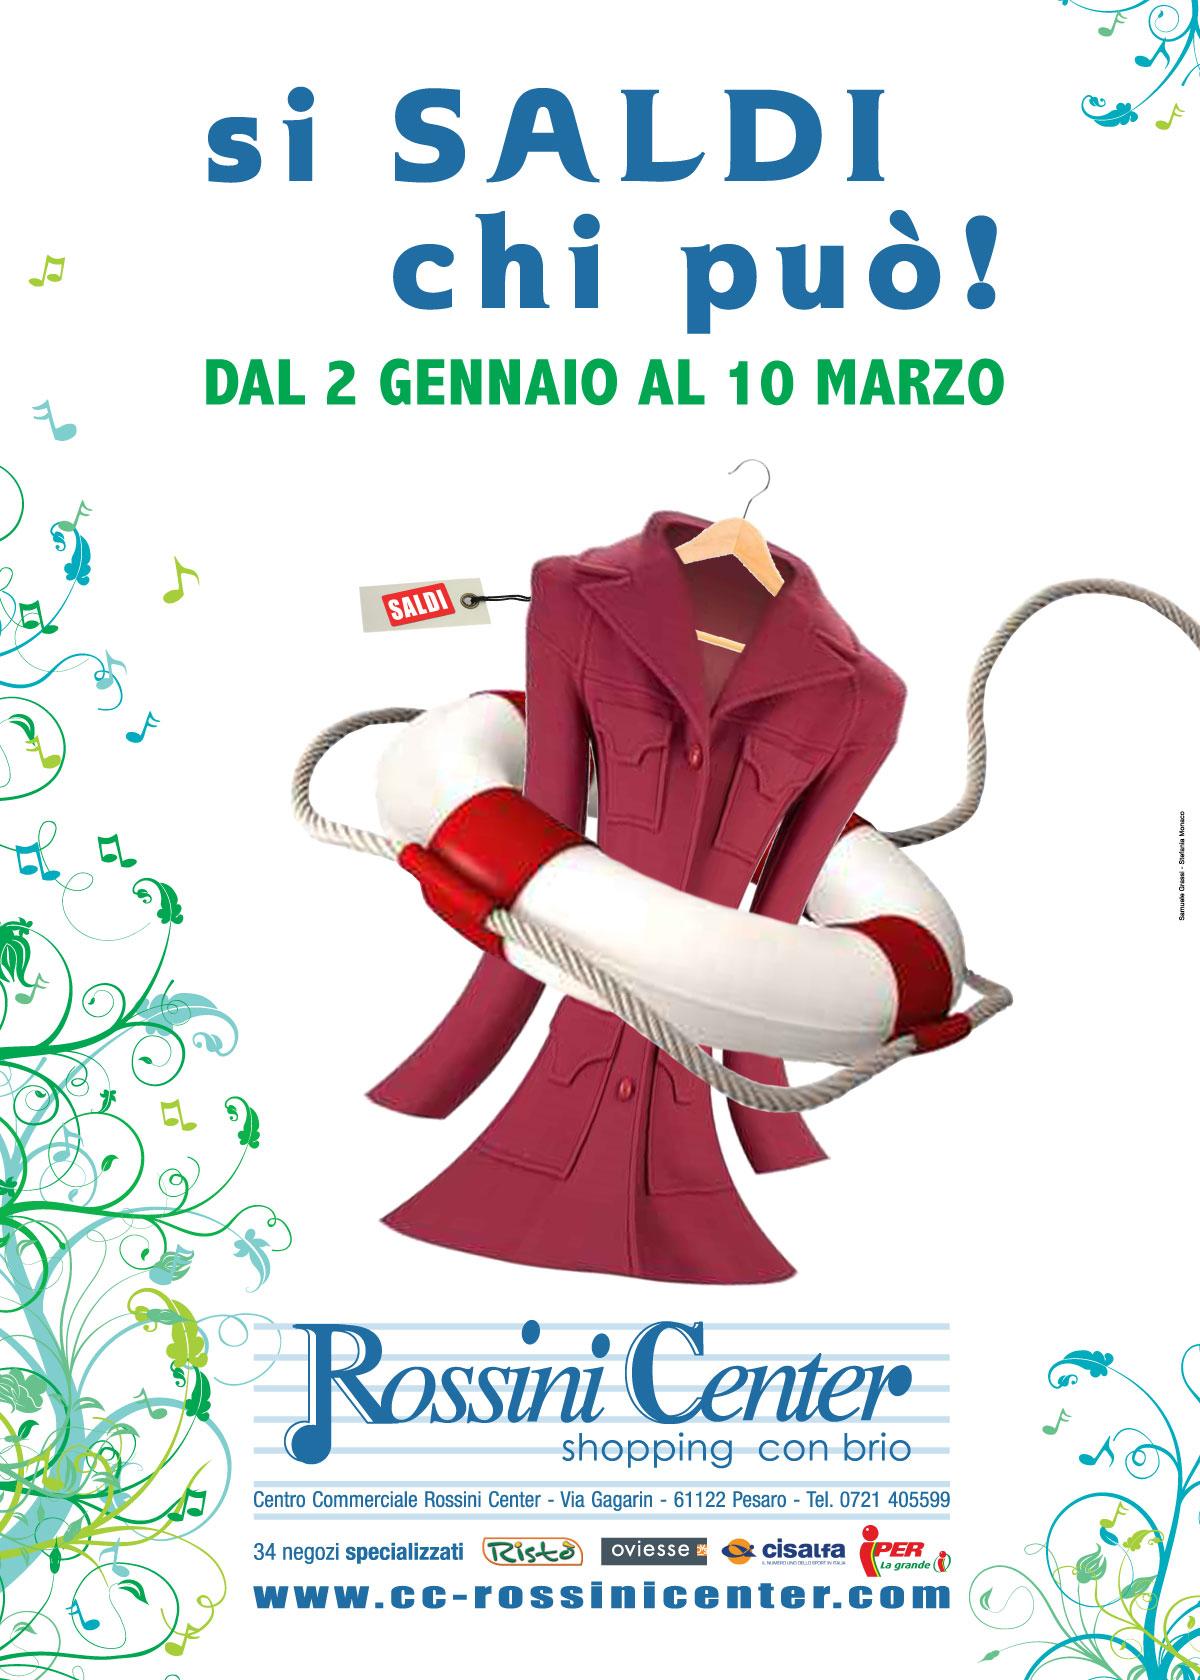 Saldi invernali rossini center 2012 samuele grassi for Clienti sinonimo